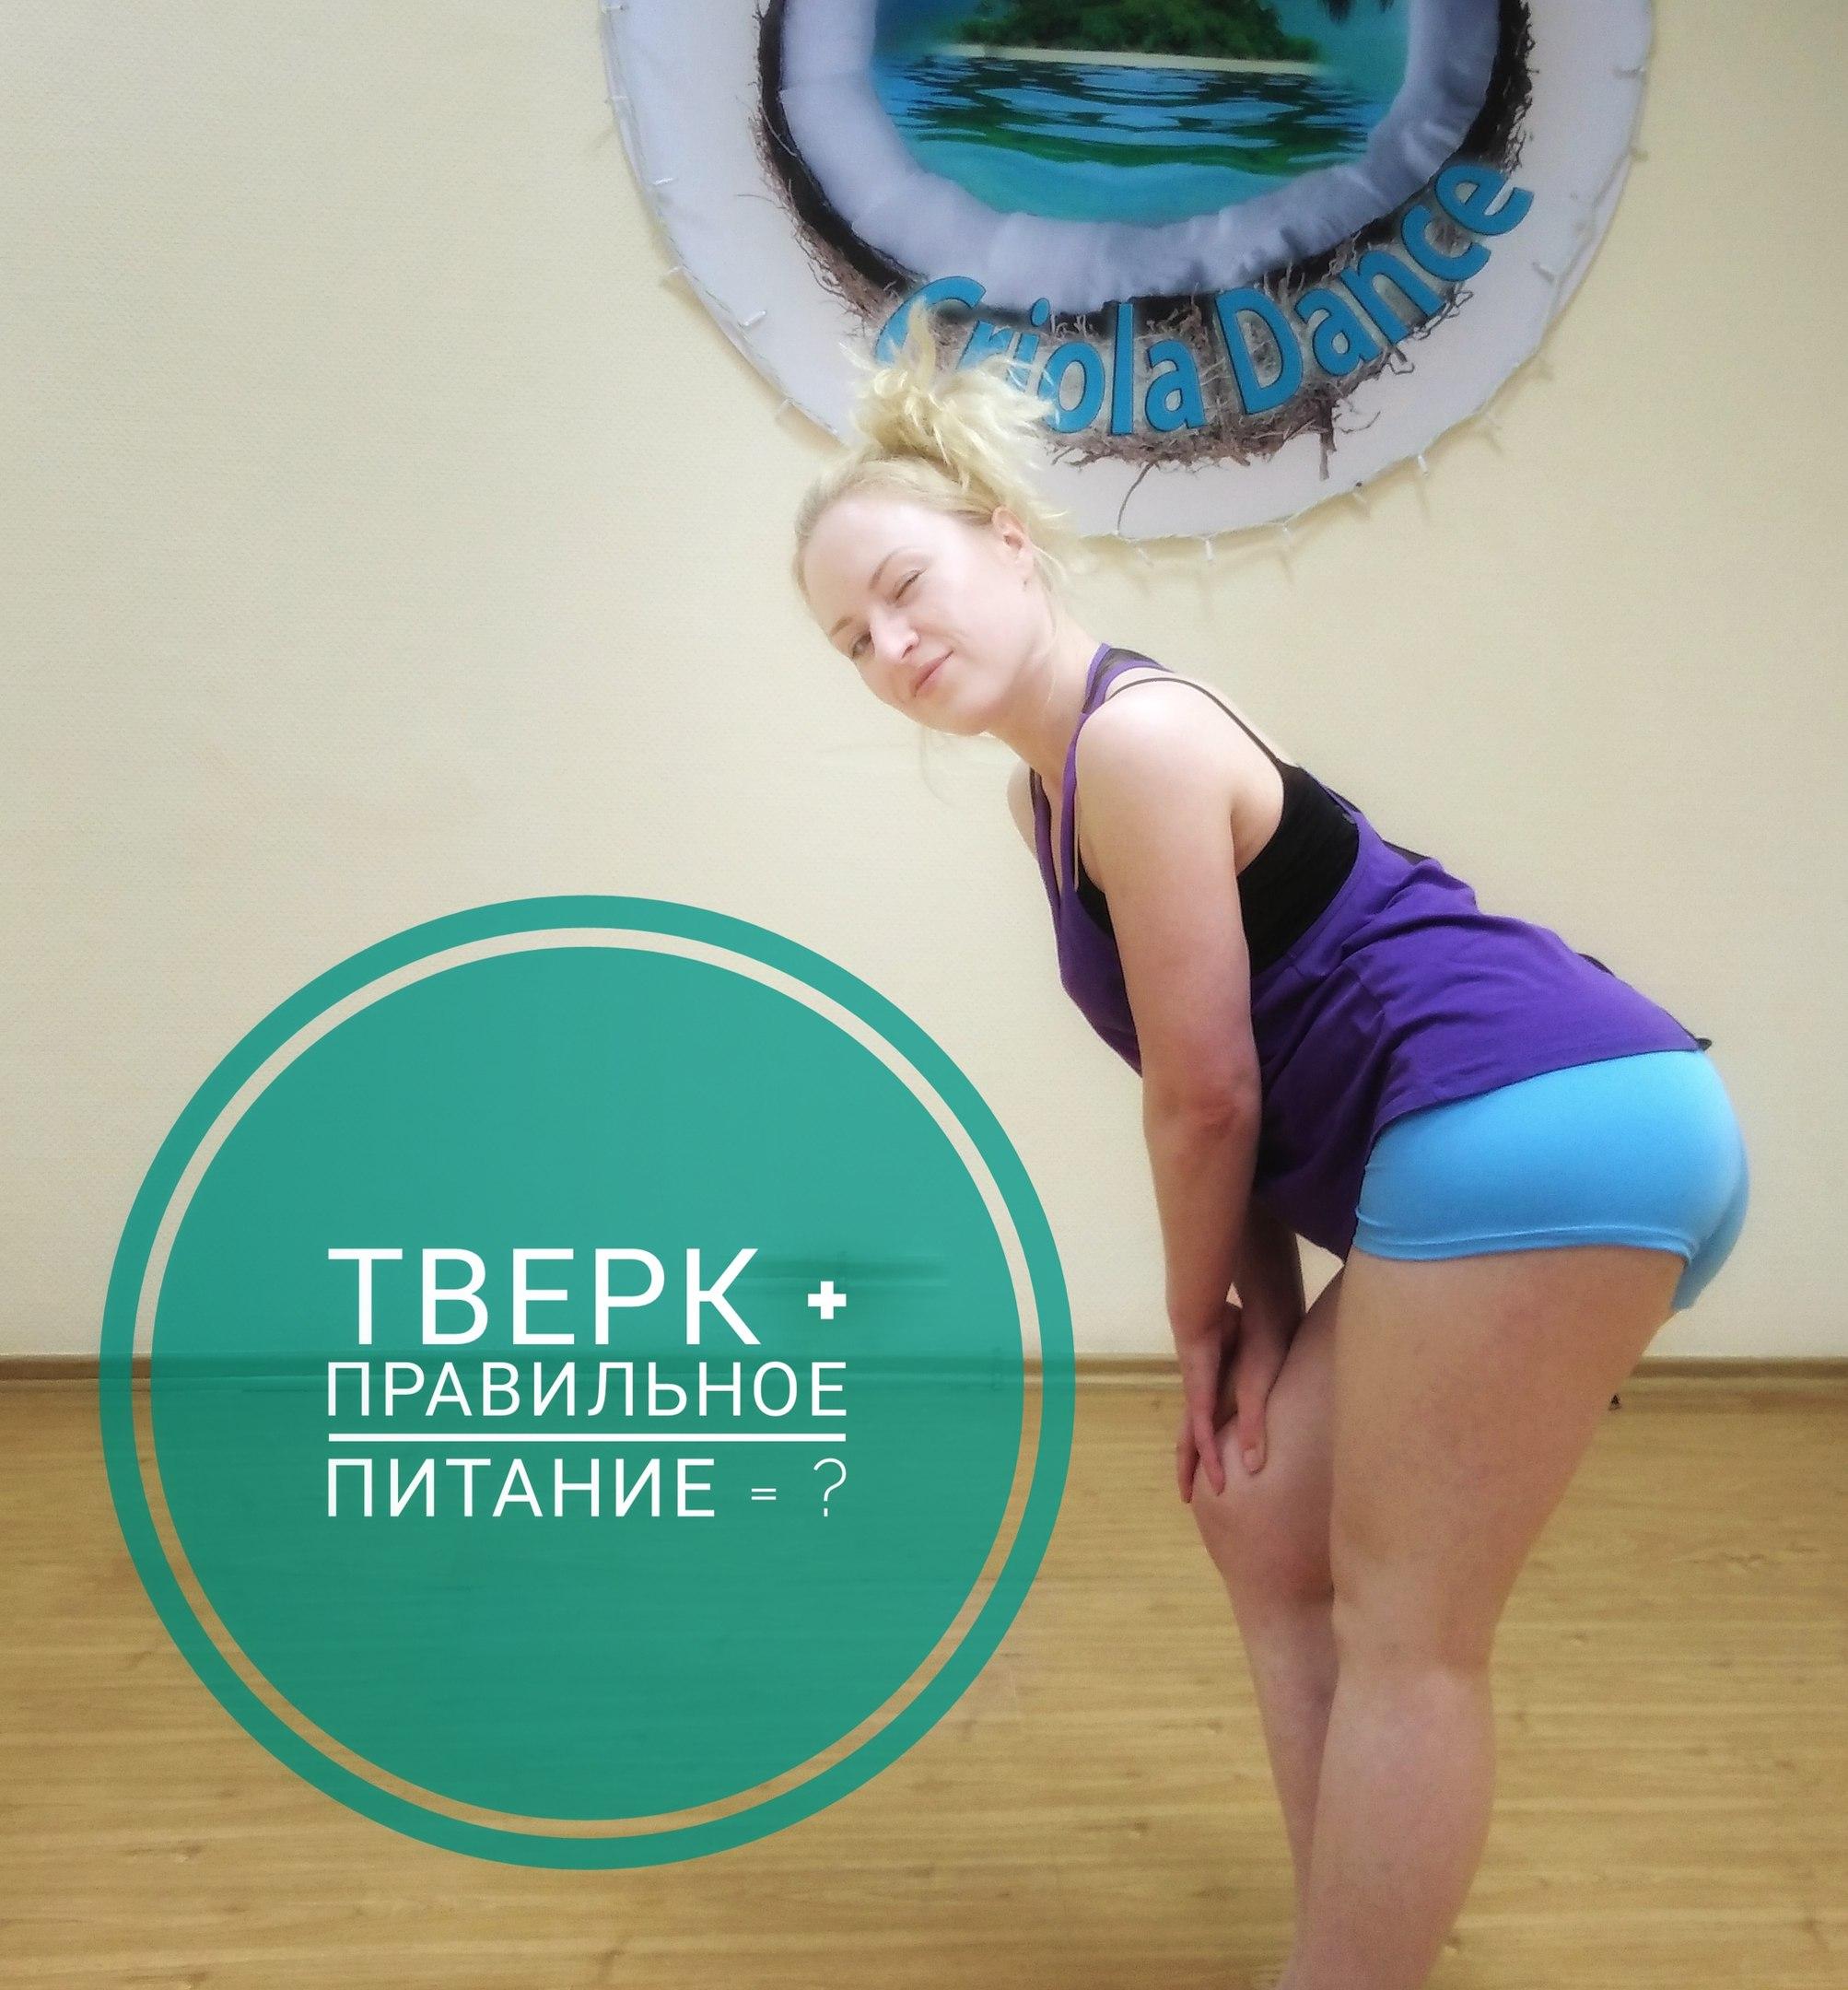 тверк, бути, бути дэнс, тверкинг, уроки тверка, обучение тверку, растяжка, фитнес, попа, ягодицы, мышцы, танцы